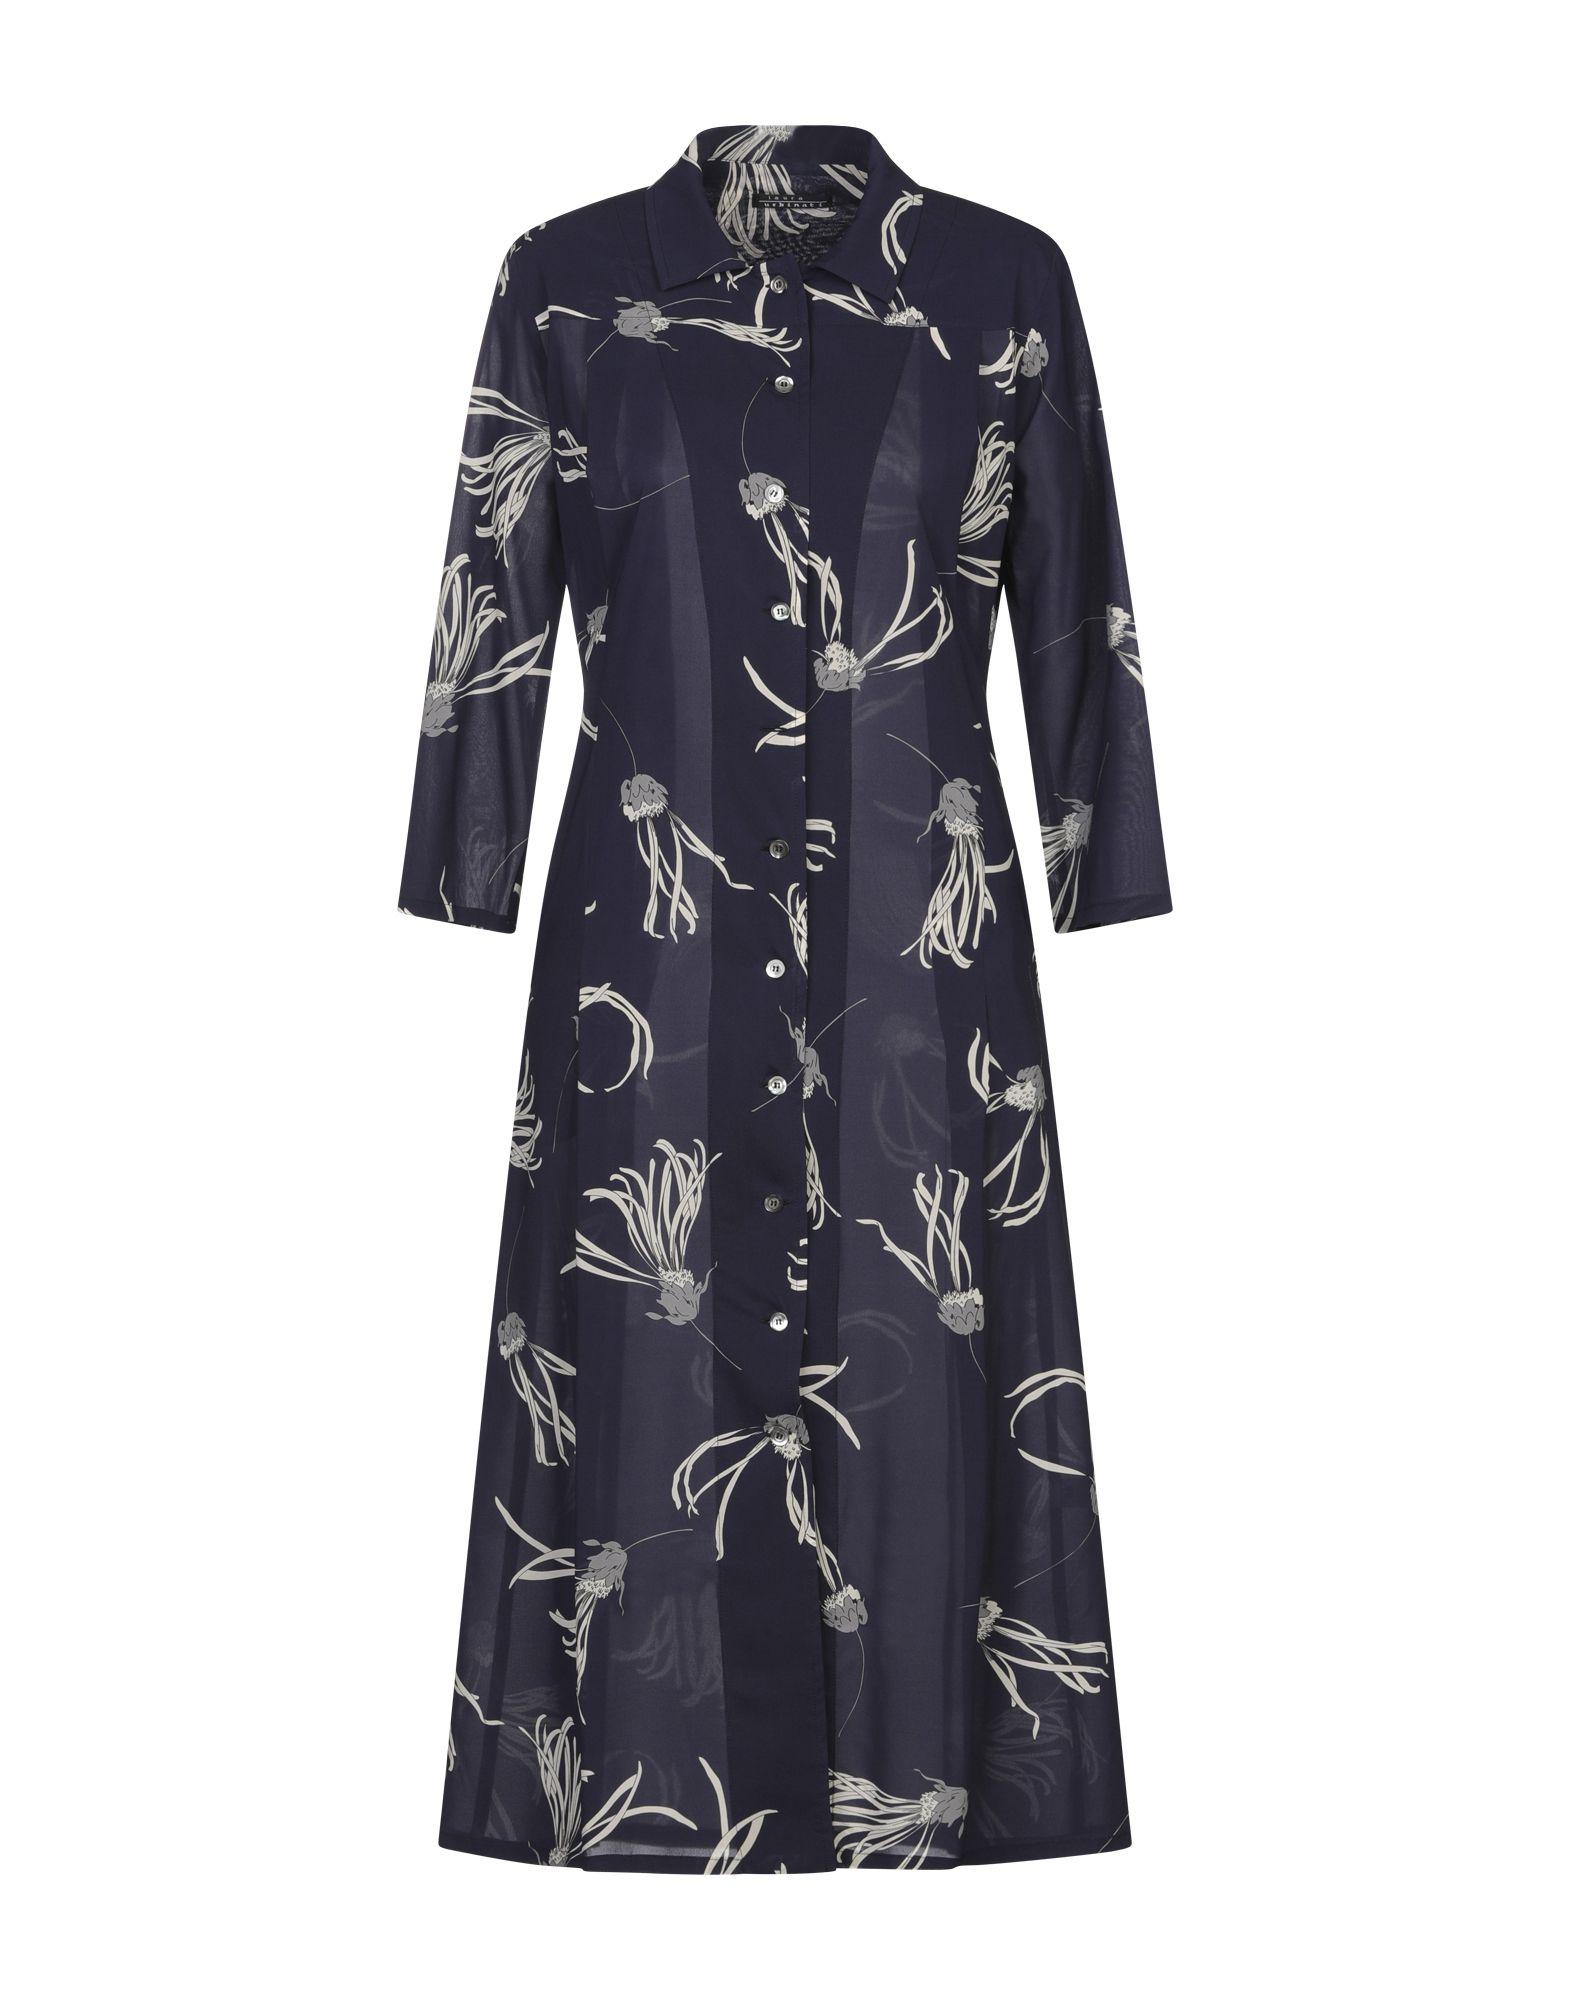 LAURA URBINATI Платье длиной 3/4 полуприлегающее платье с рукавами 3 4 laura bettini